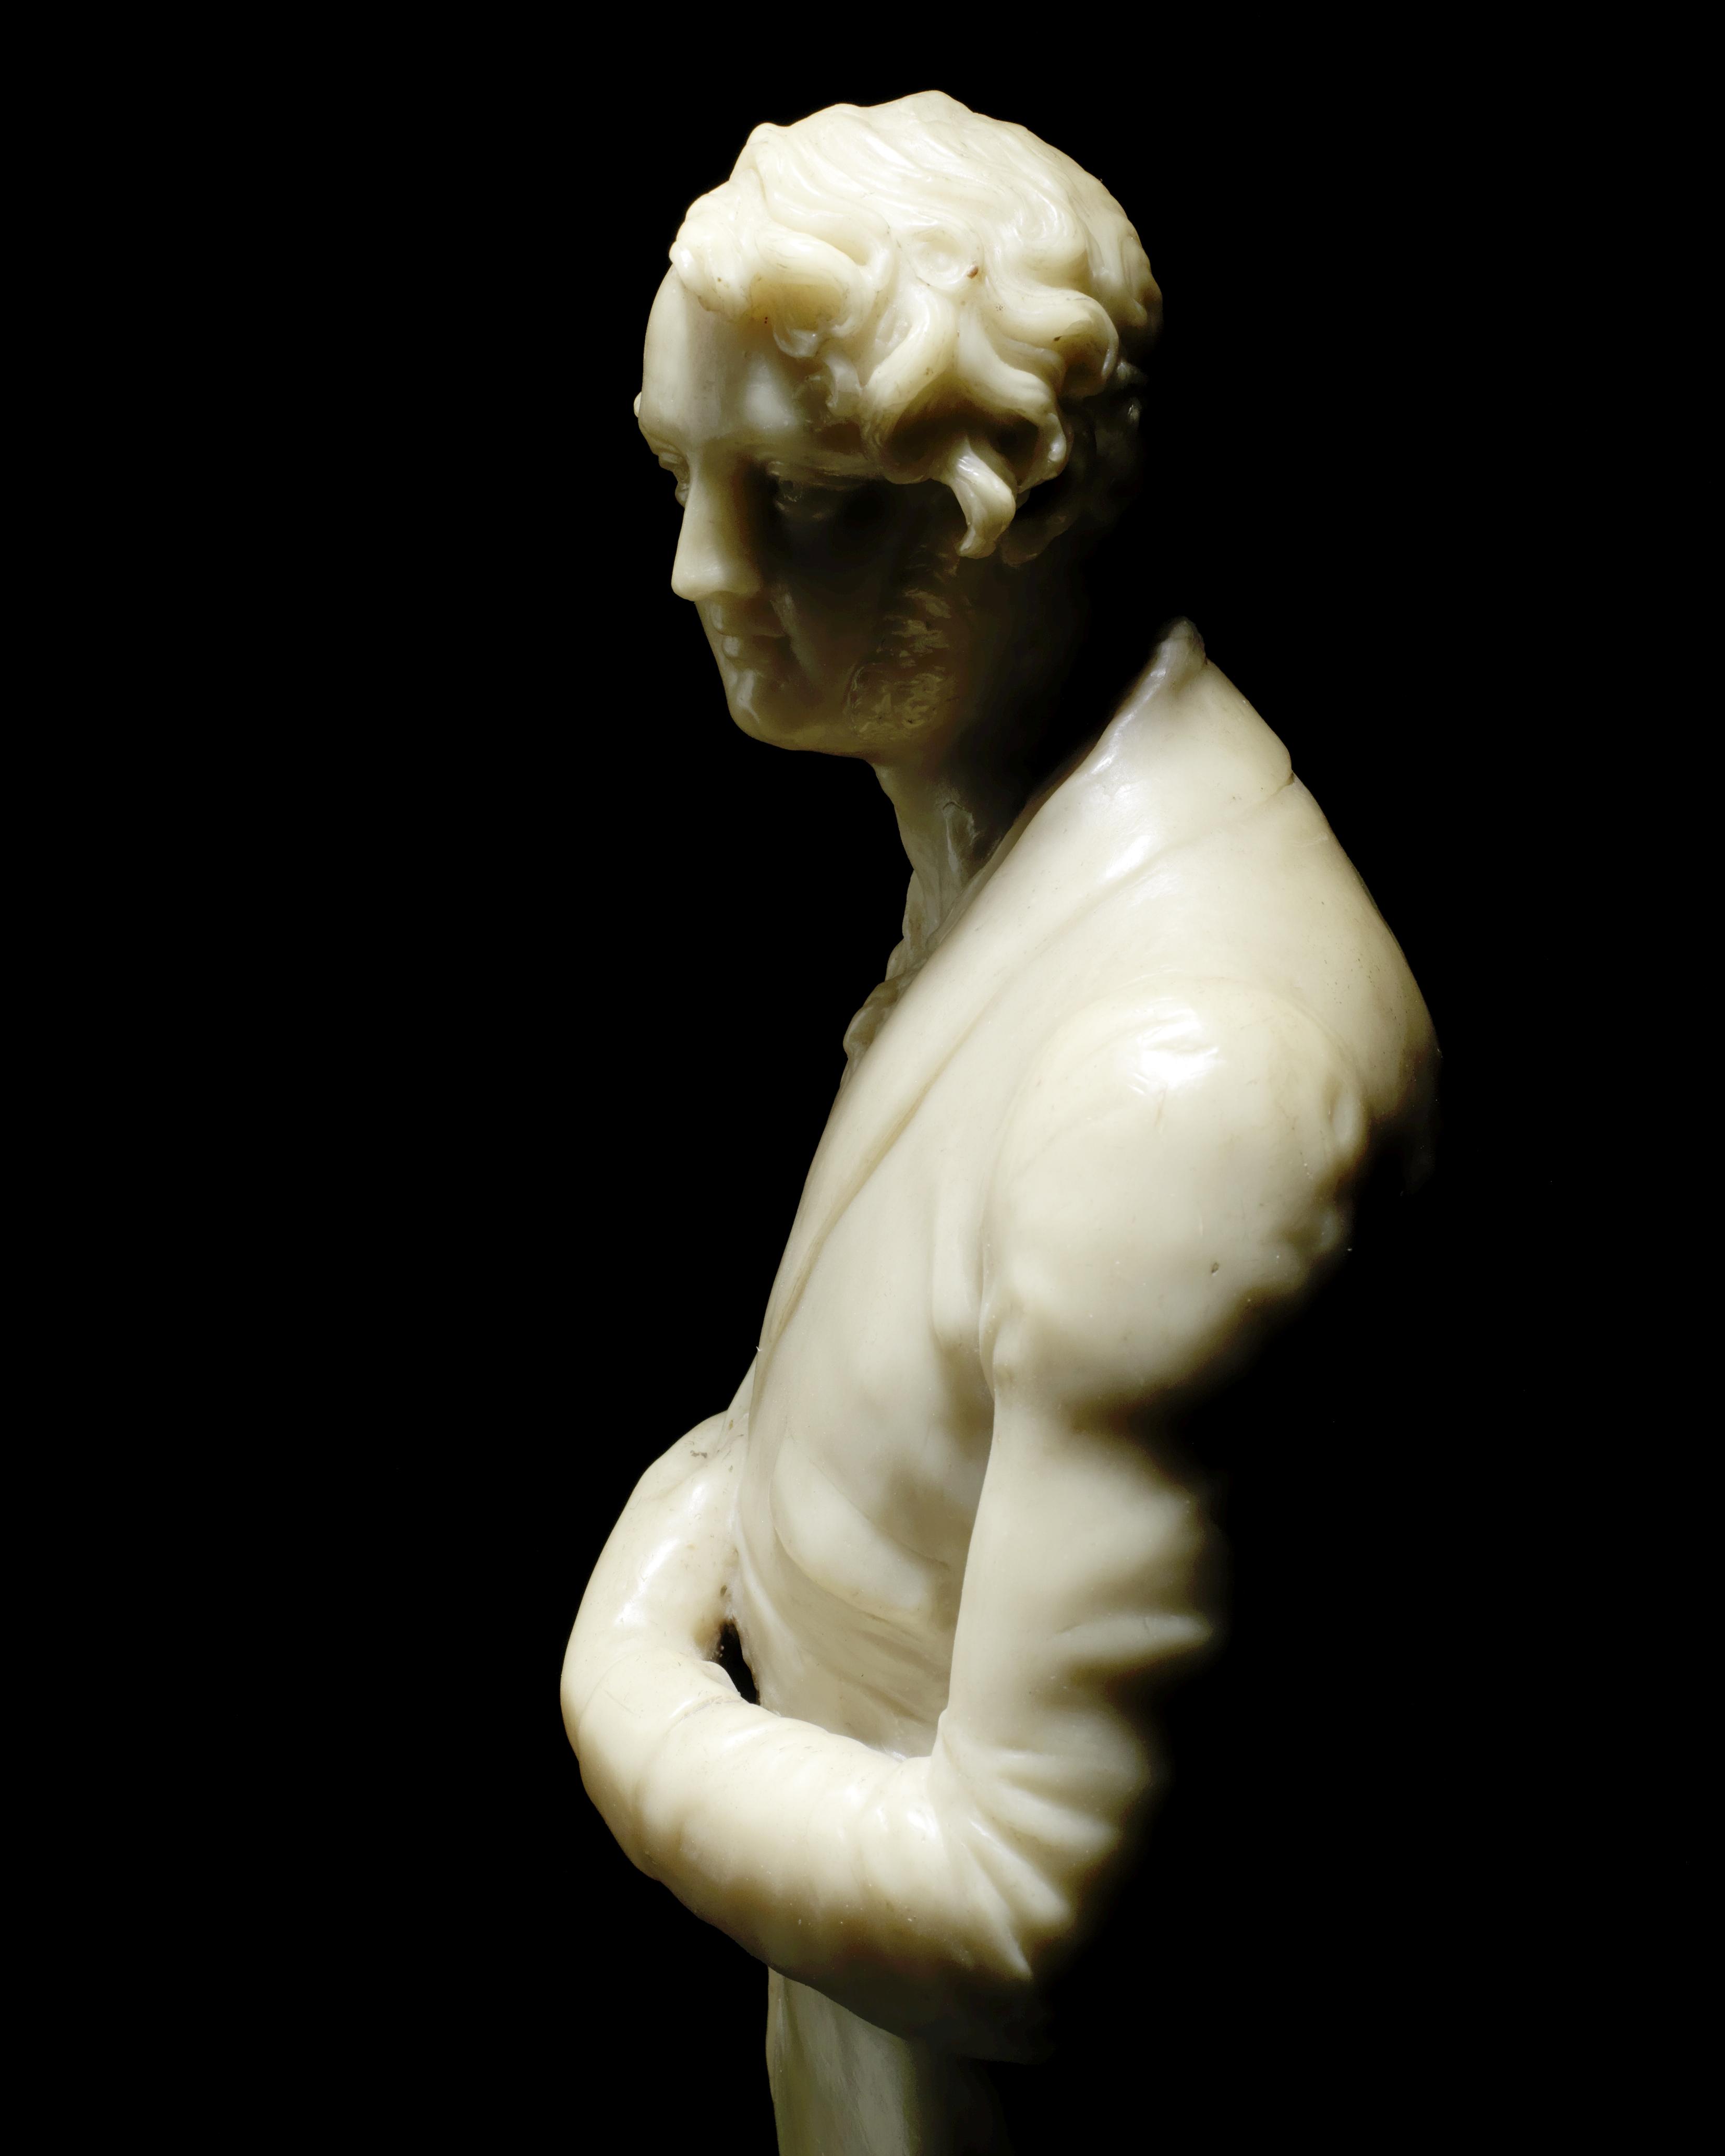 Lot 42 - Richard Cockle Lucas (British 1800-1883): A second quarter 19th century wax portrait figure of a ...